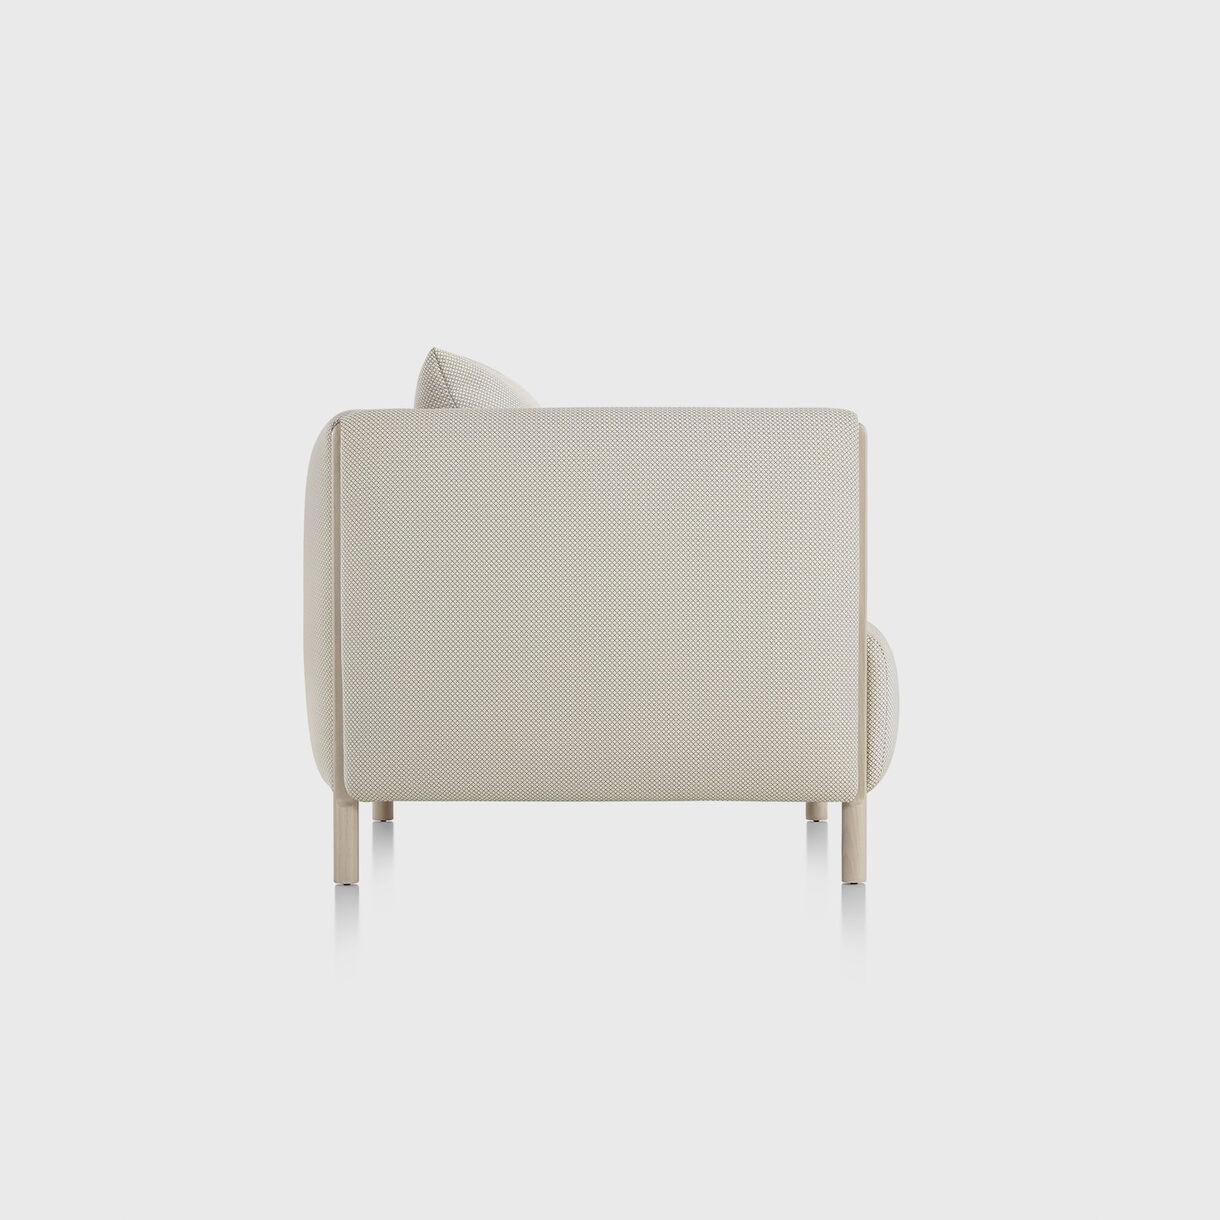 Colourform Club Chair